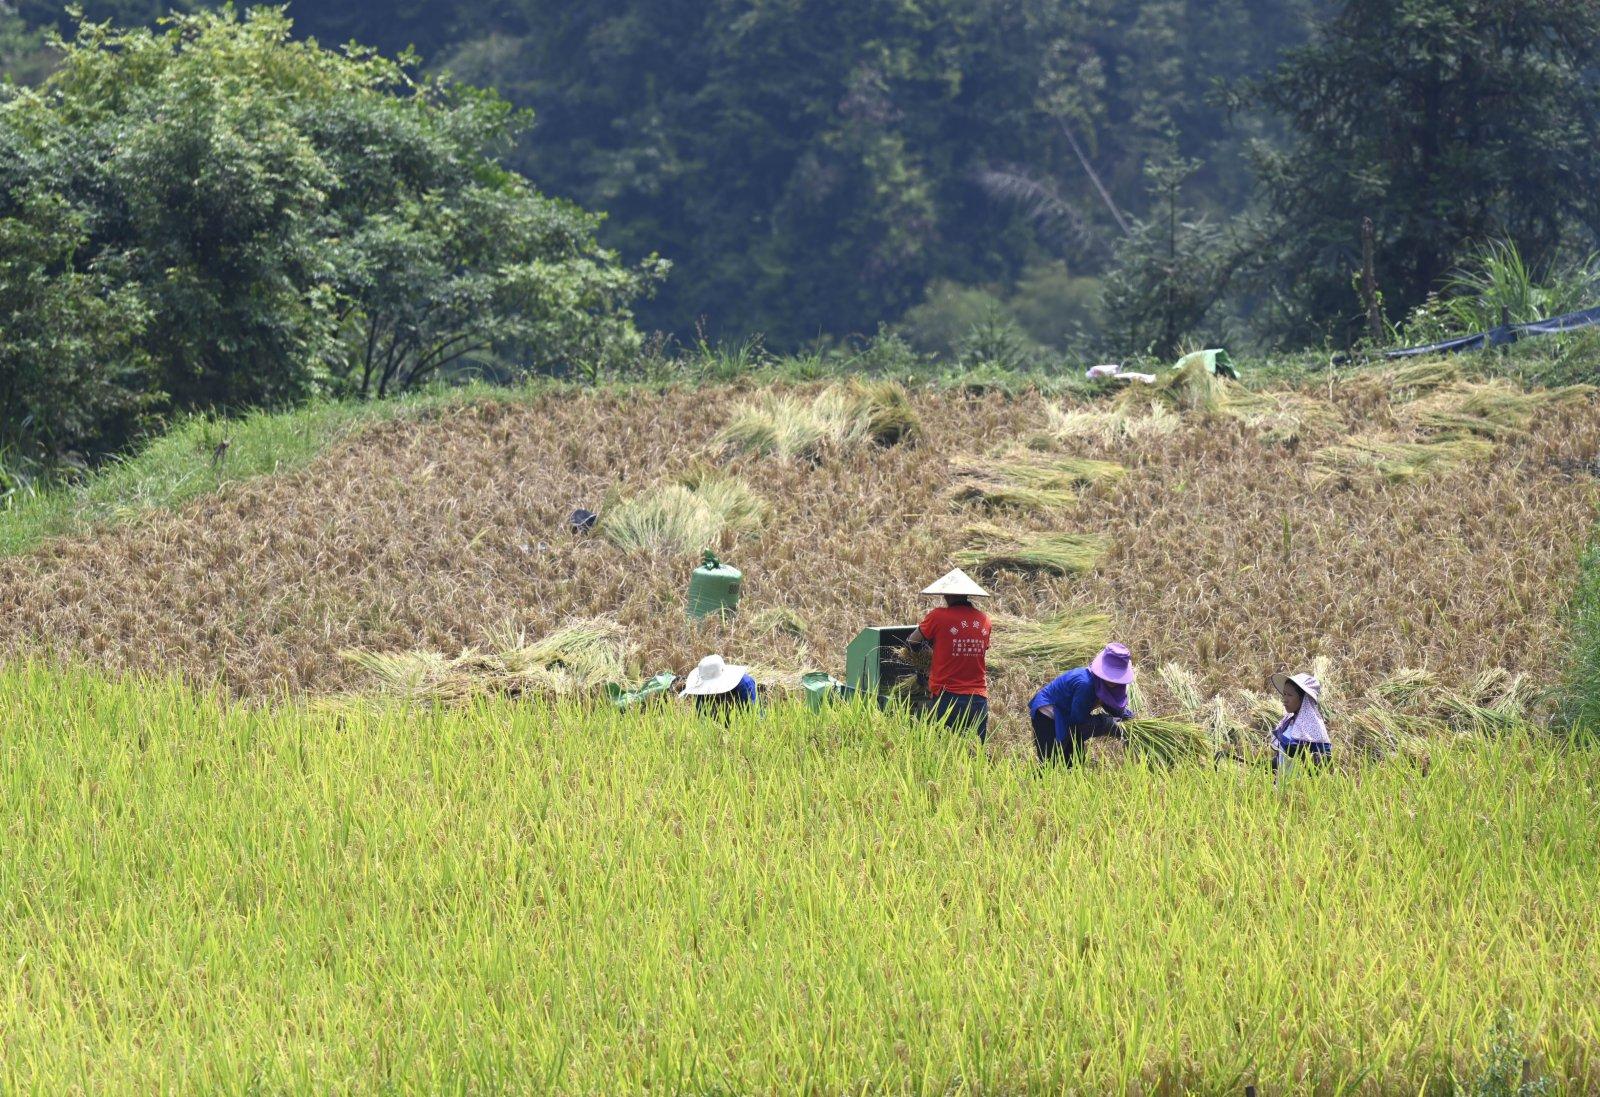 在三江侗族自治縣良口鄉燕茶村,村民在稻田裏收割稻穀。